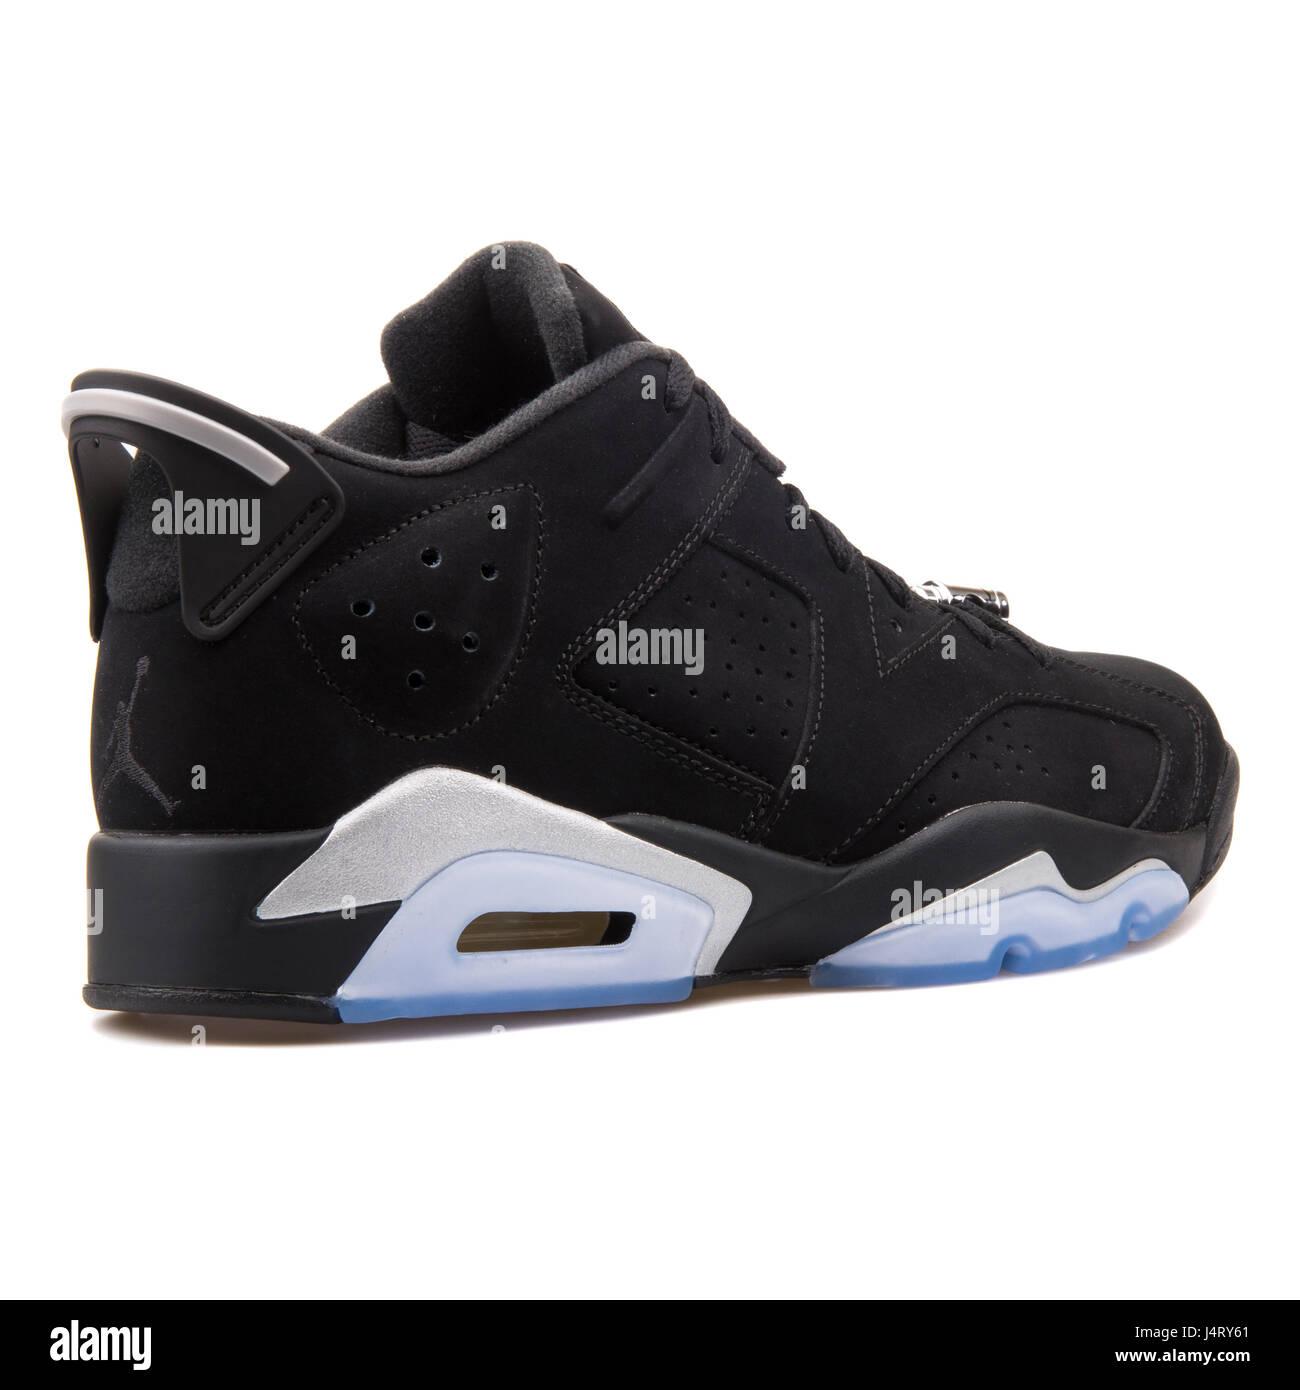 Nike Air Jordan VI Retro 6 Chrome bas noir métallisé argent blanc Sneakers  - 304401-